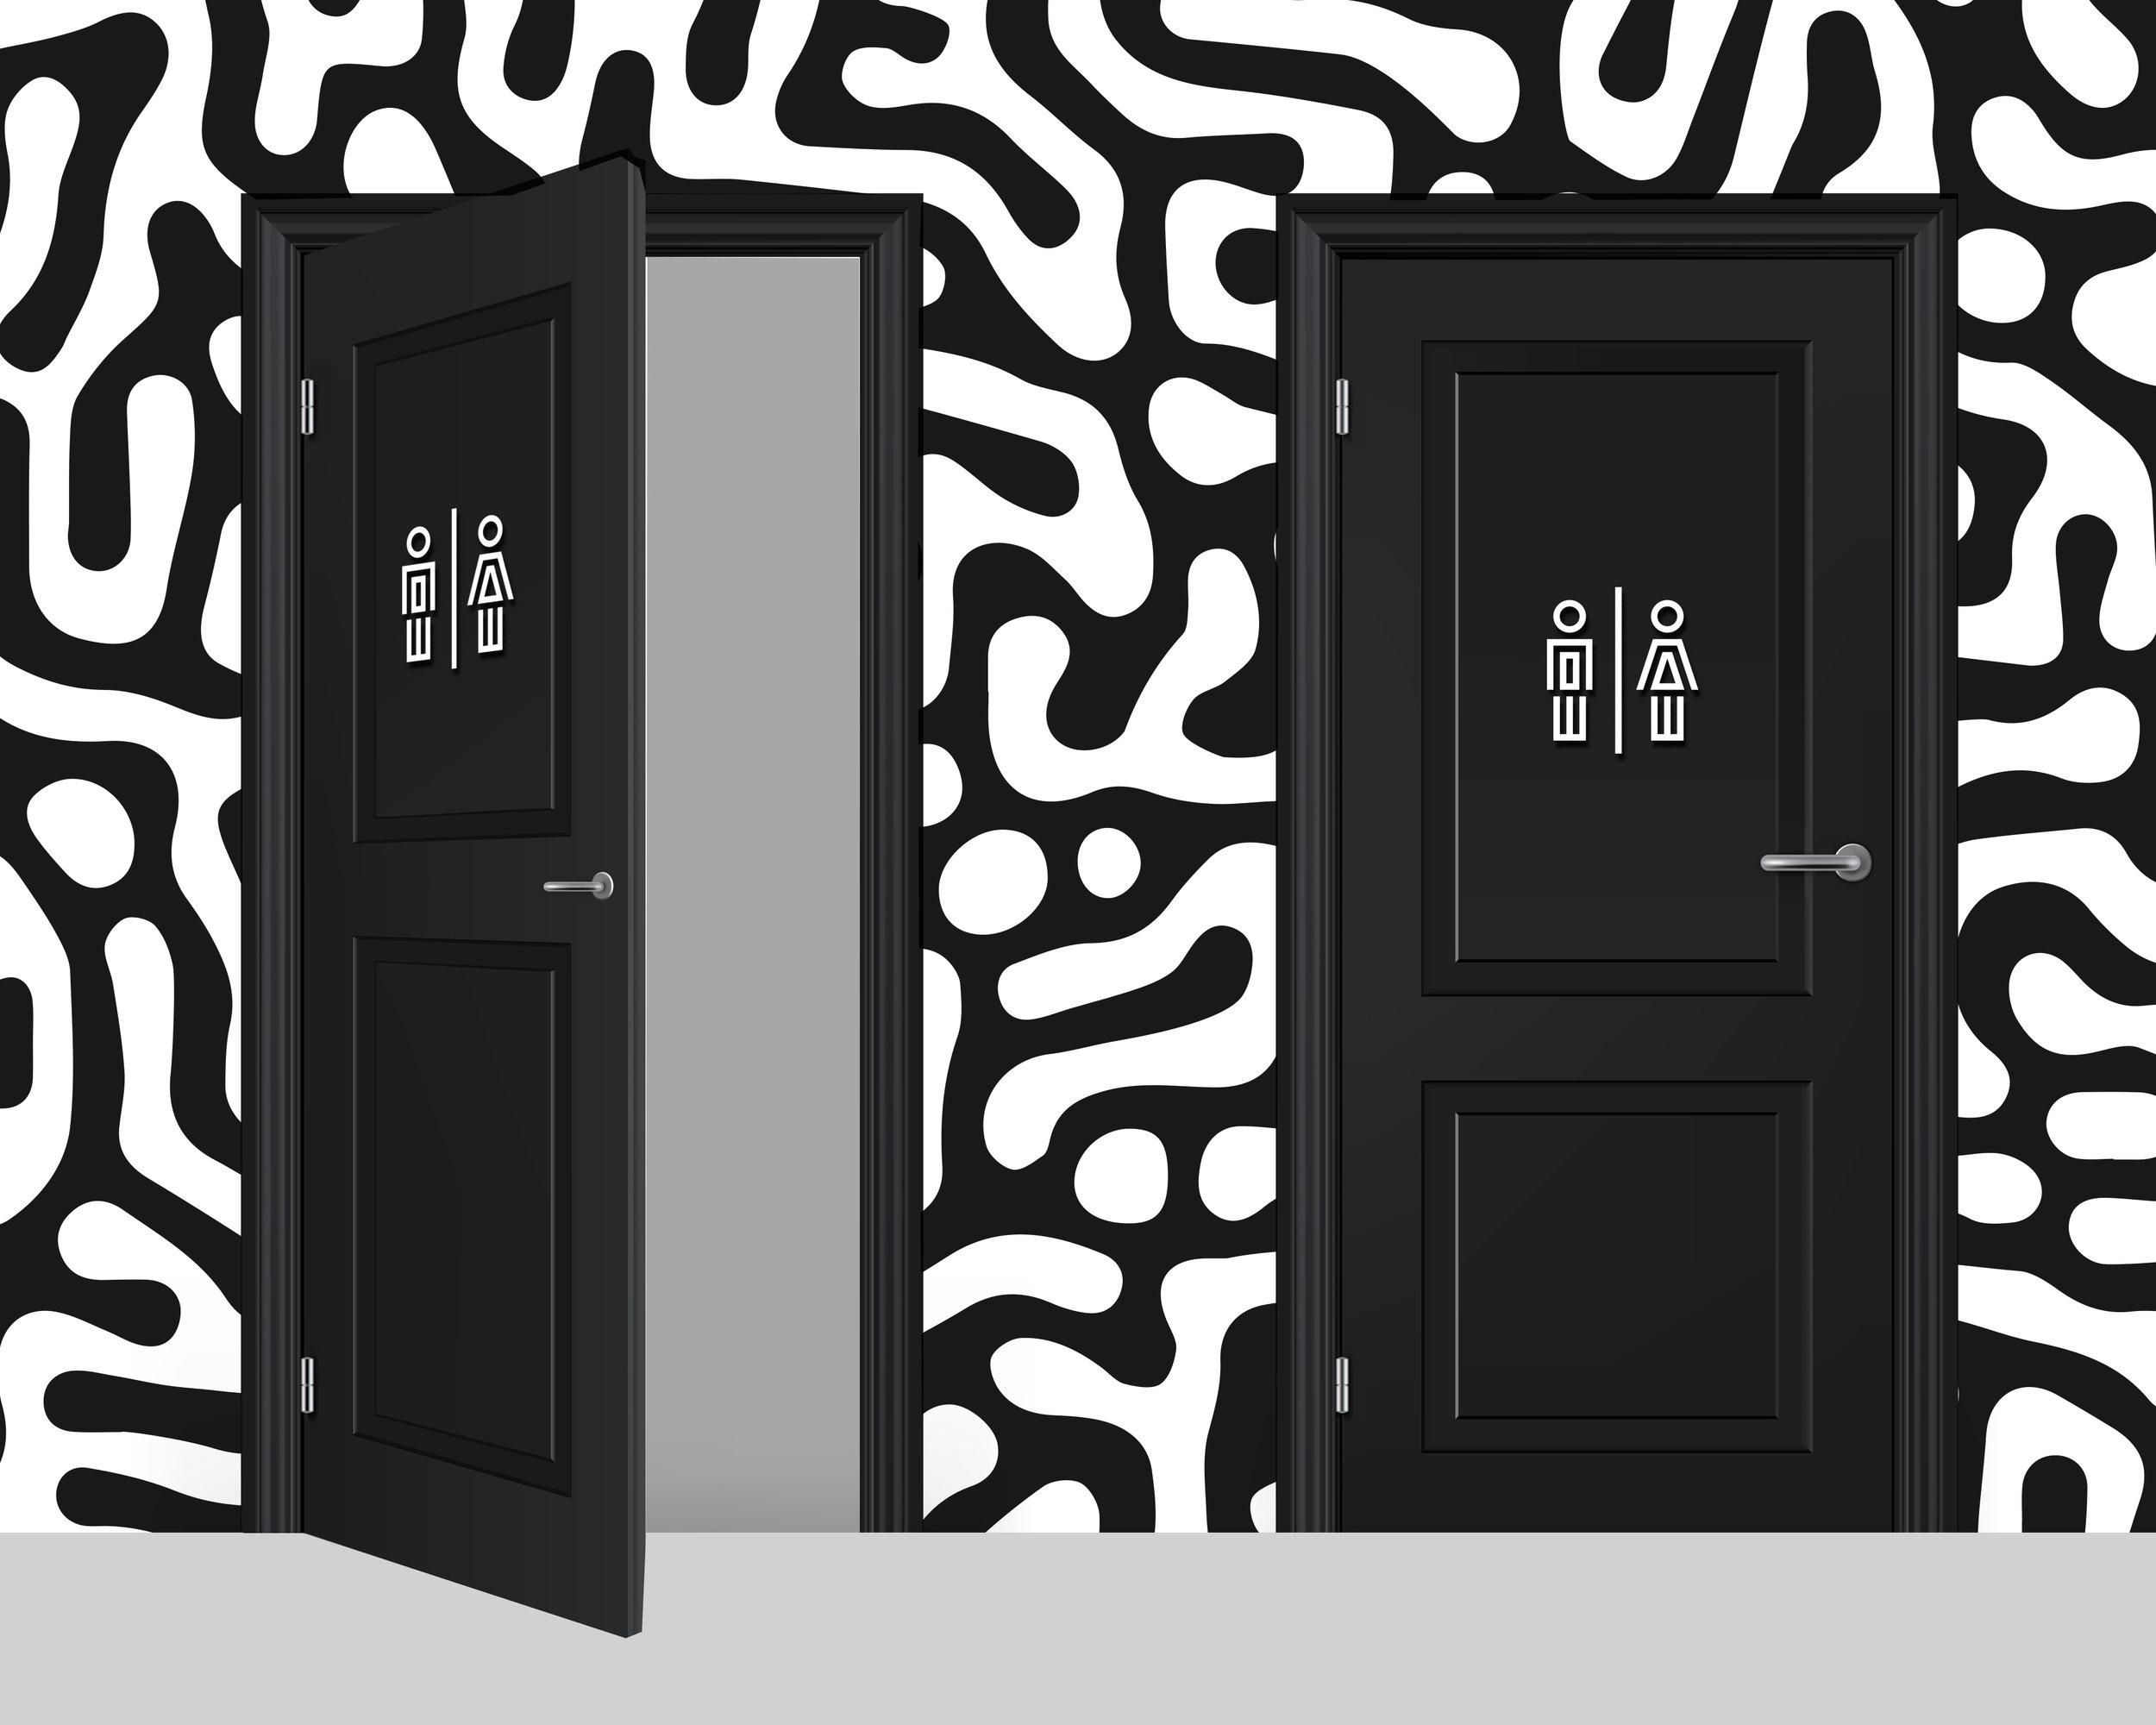 DANG-Restroom-Icons-Mockup.jpg